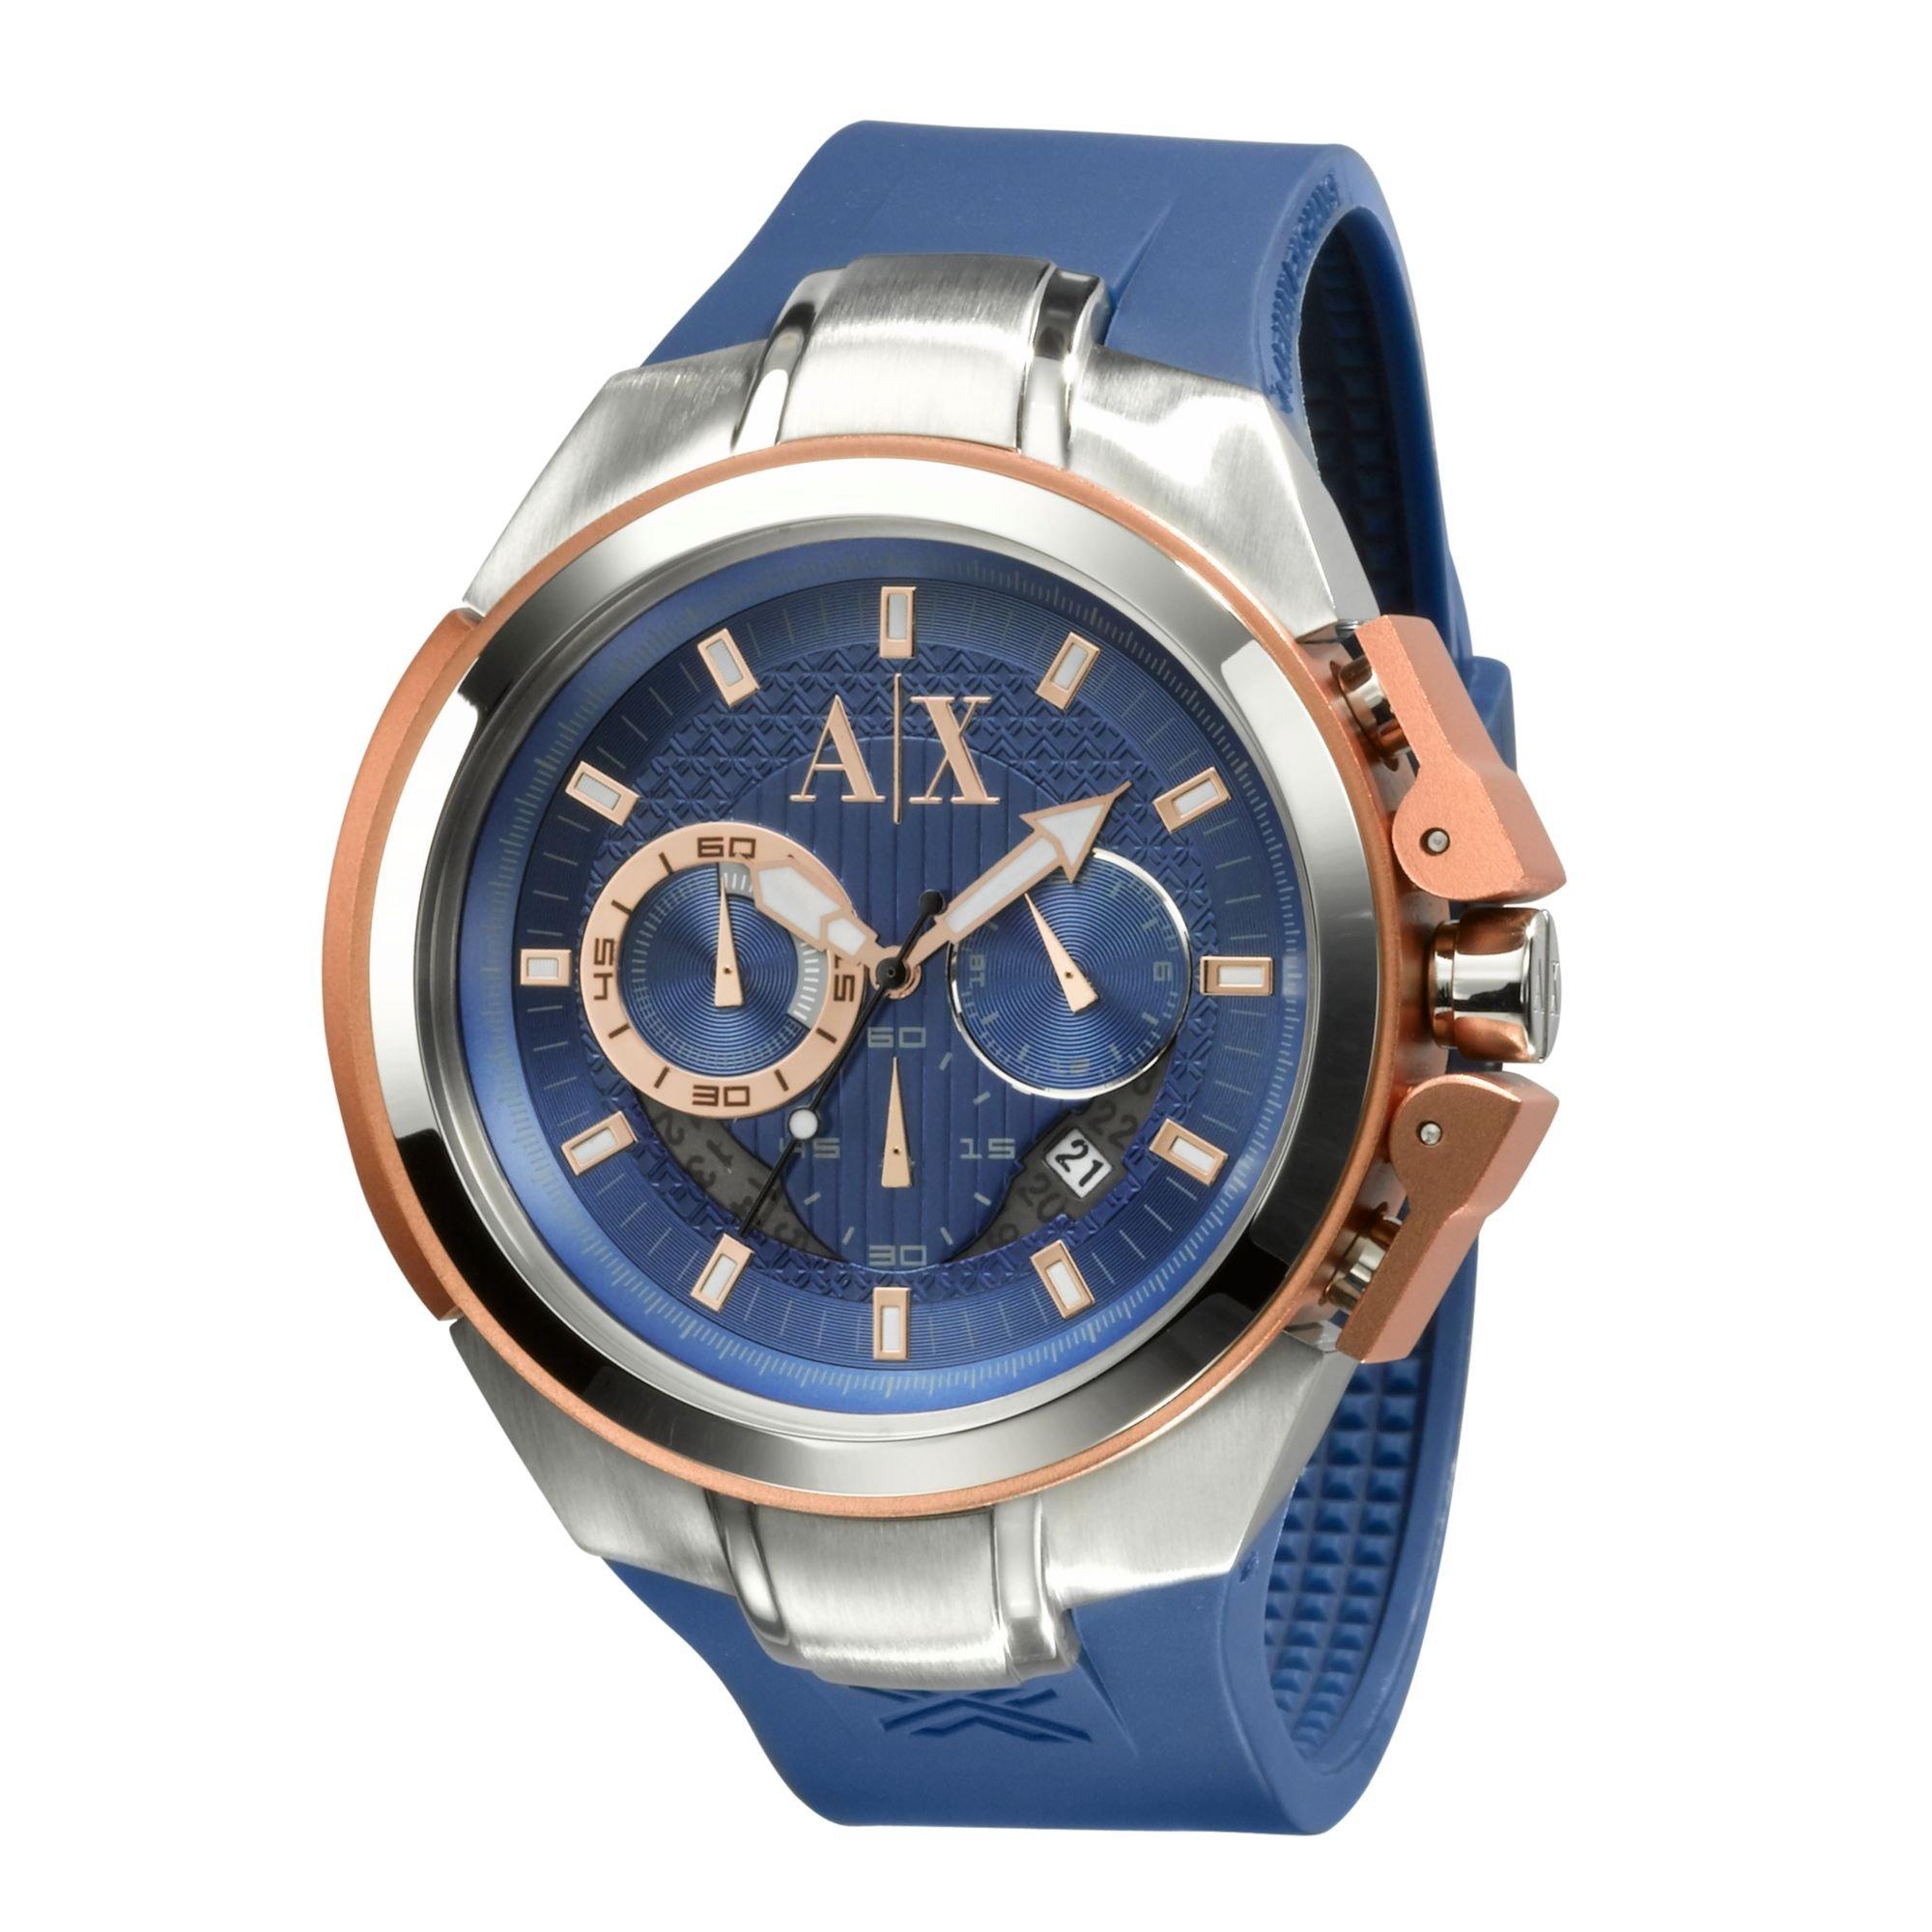 065d832b7e50 Lyst - Armani Exchange Ax Armani Exchange Watch Mens Chronograph ...